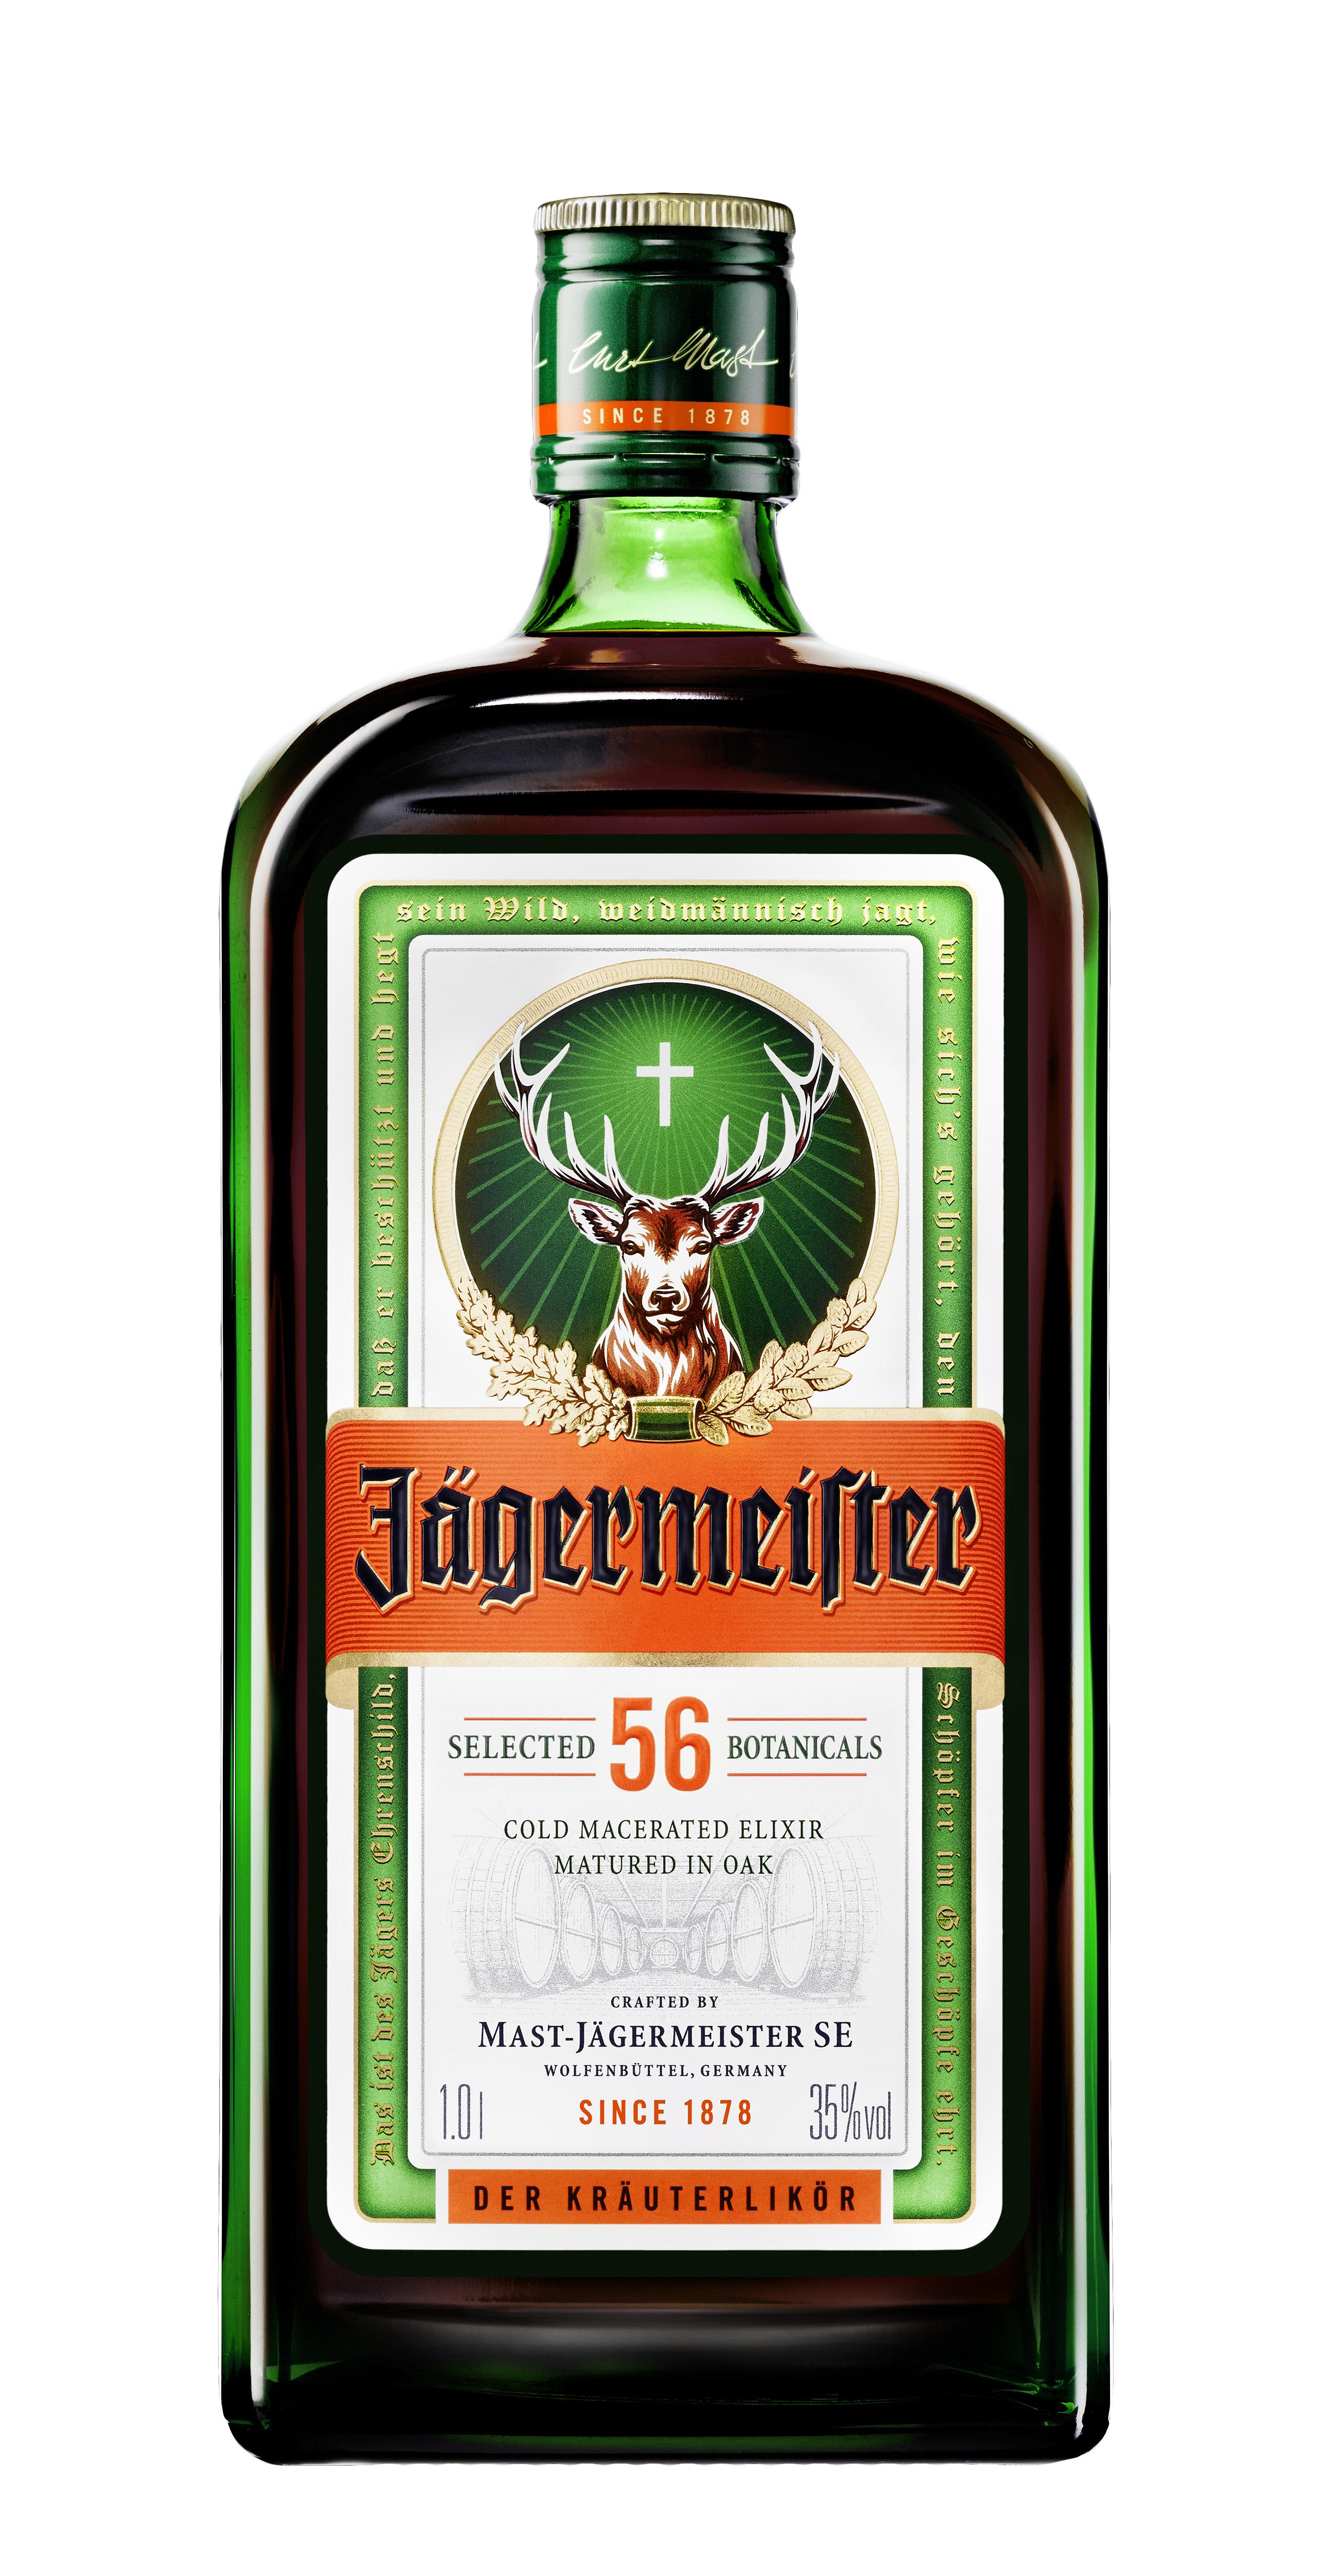 Jaegermeister Kraeuterlikoer